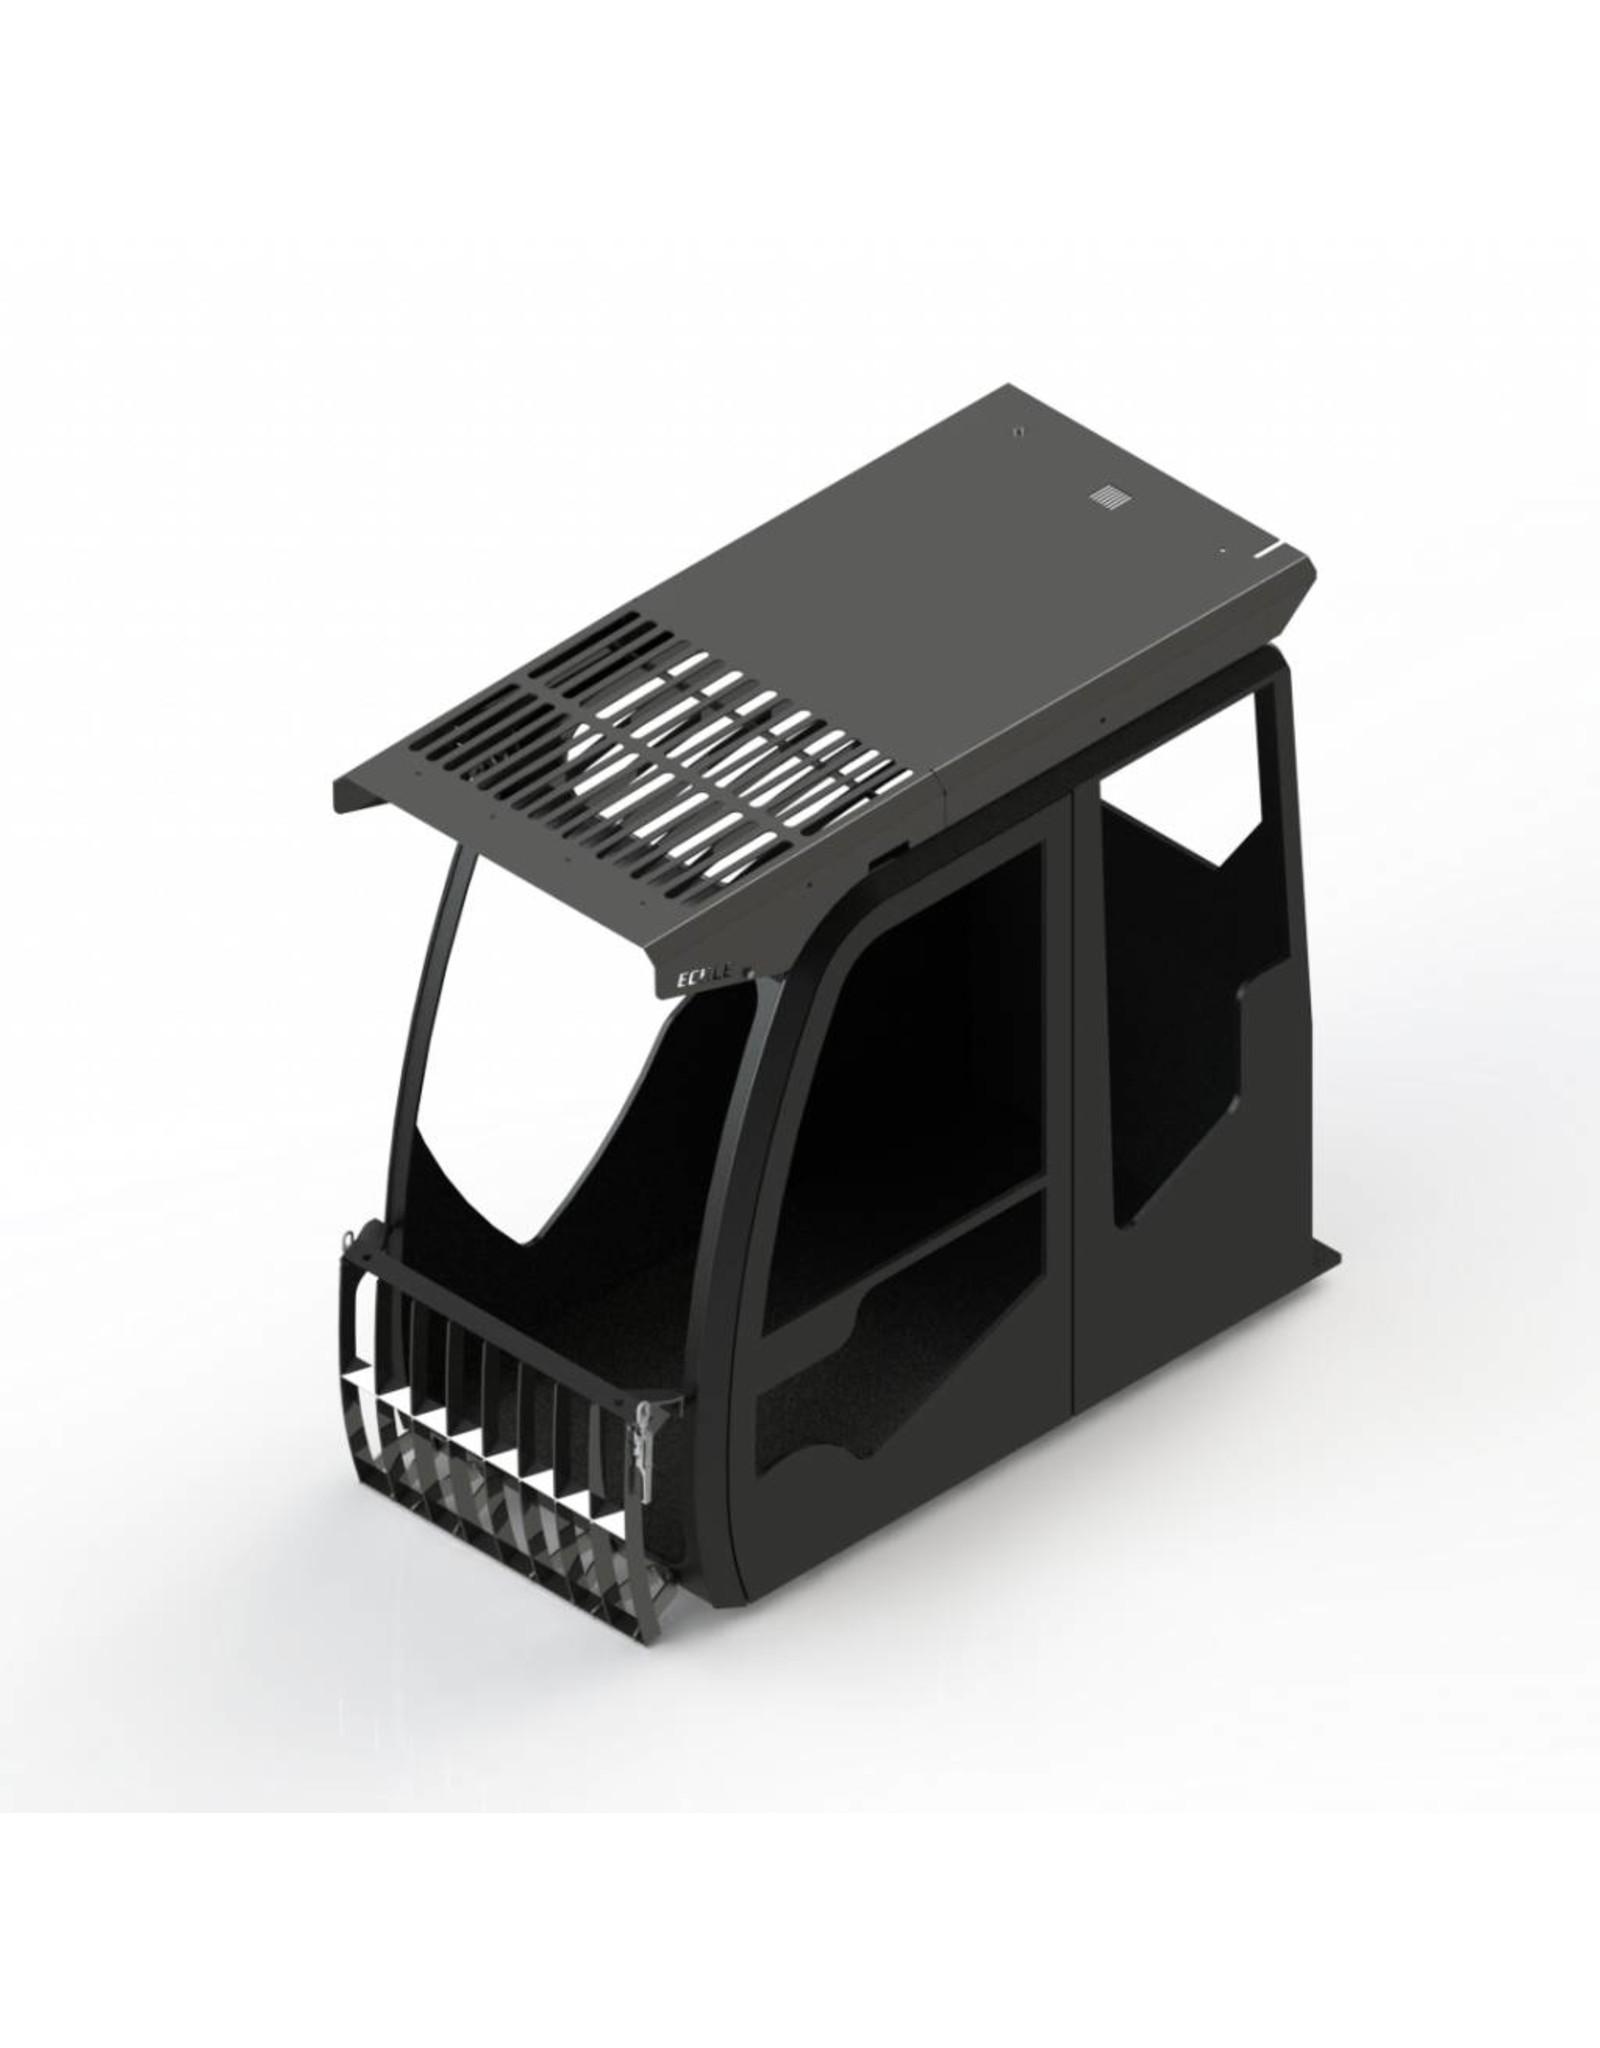 Echle Hartstahl GmbH FOPS pour Komatsu PW180-10/11